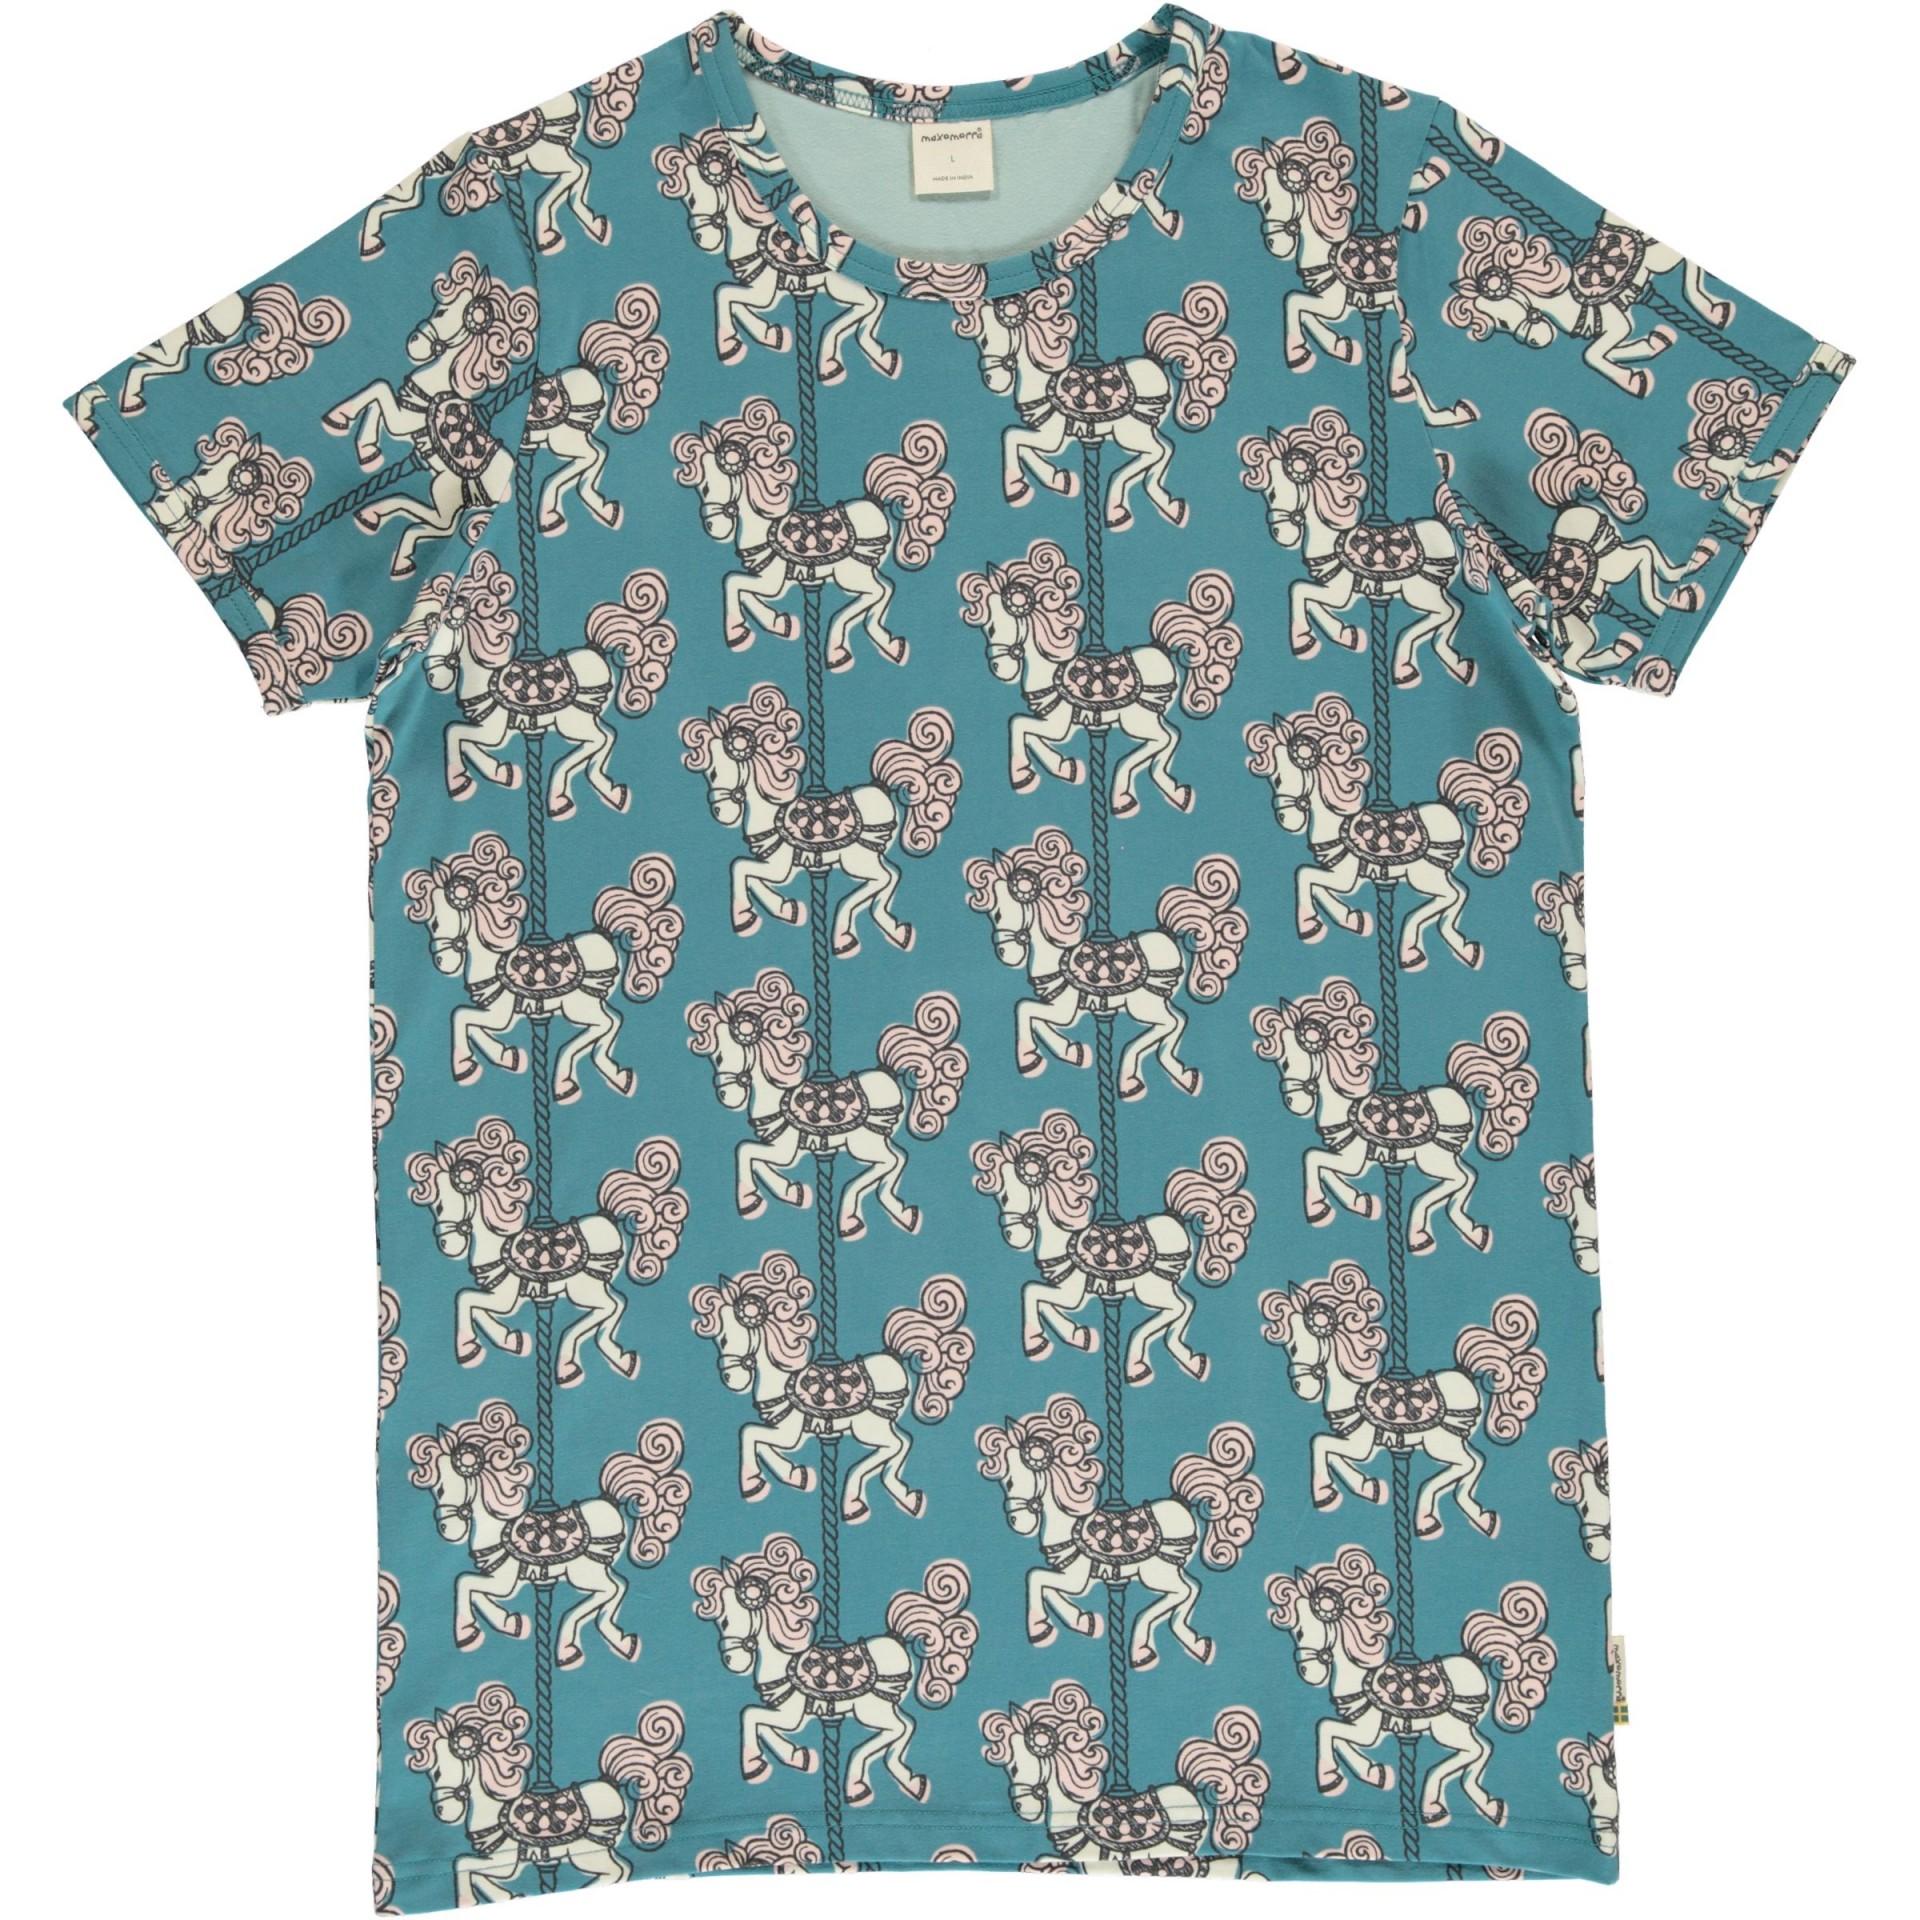 T-shirt Merry Go Round Maxomorra (Tamanhos disponíveis 18-24m, 3-4a)